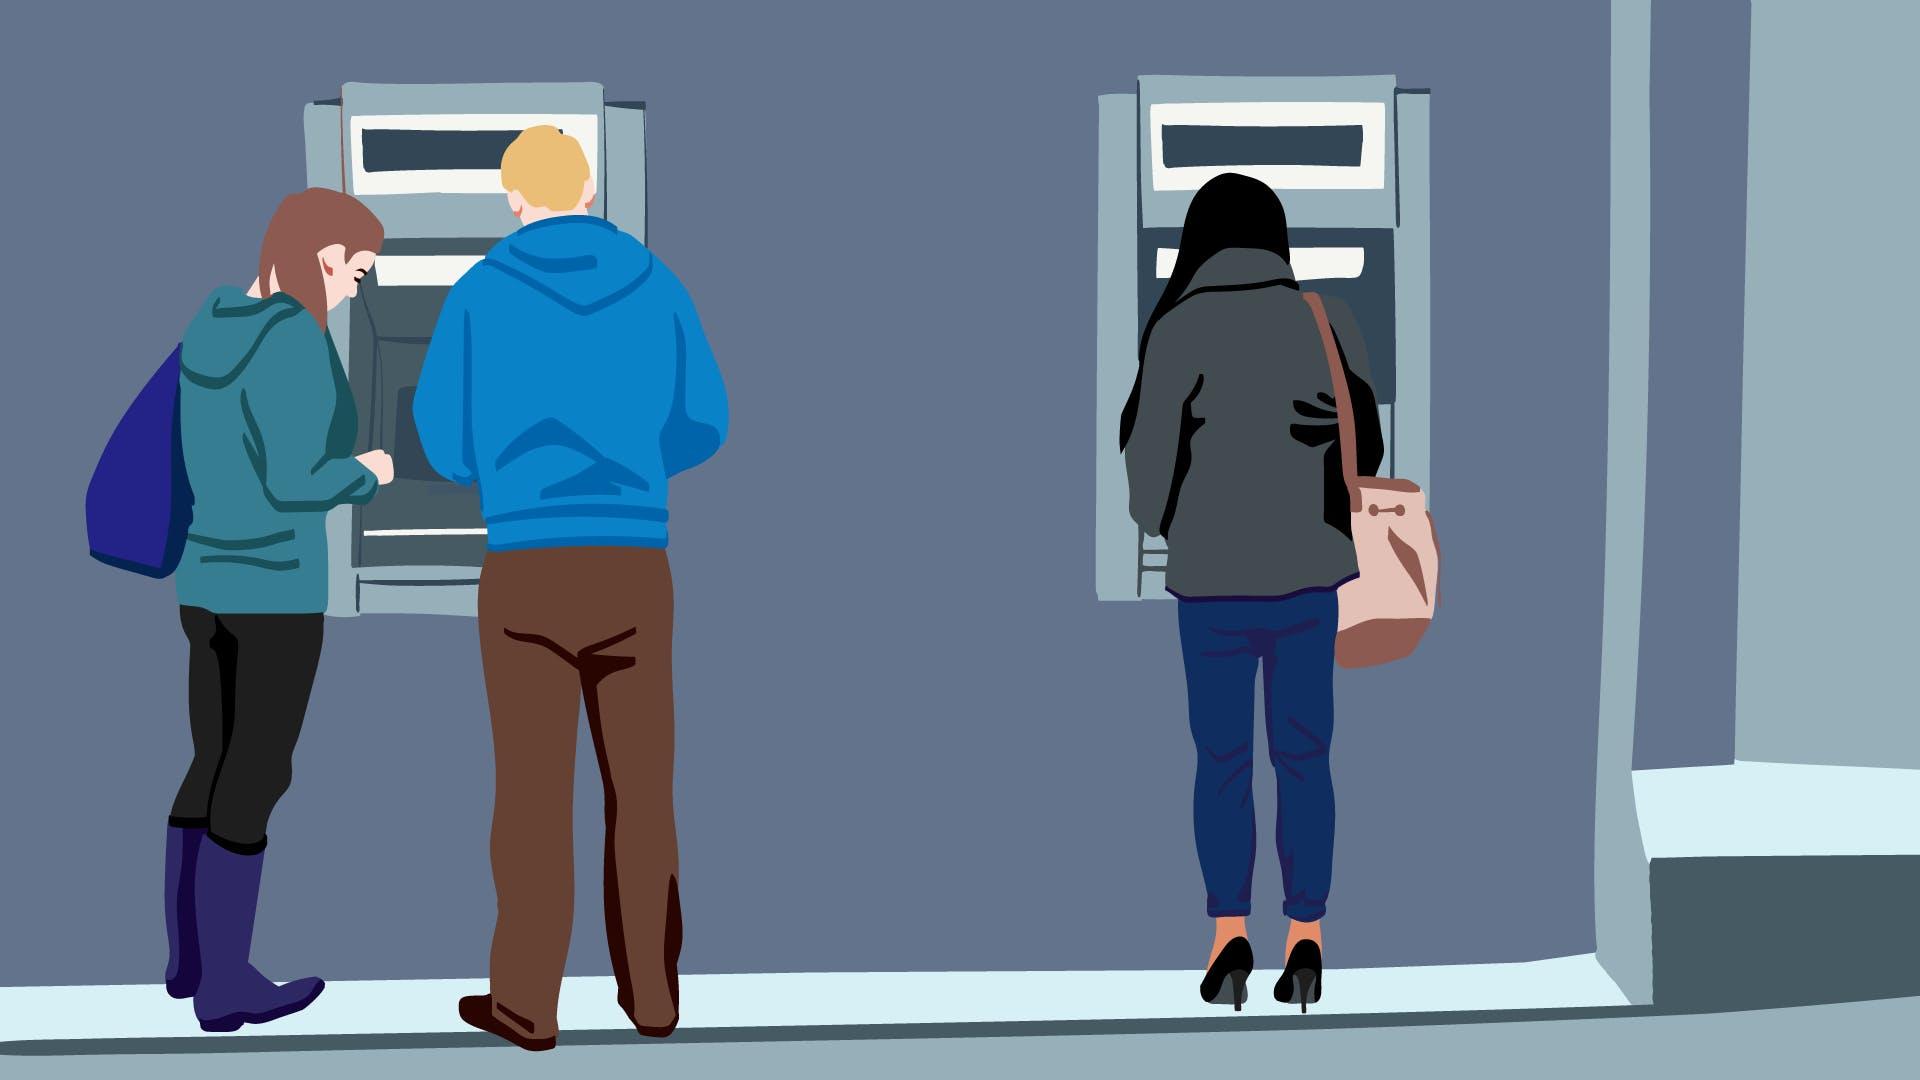 Vor einem Geldautomaten steht ein Mann mit weiblicher Begleitung und möchte Geld abheben.